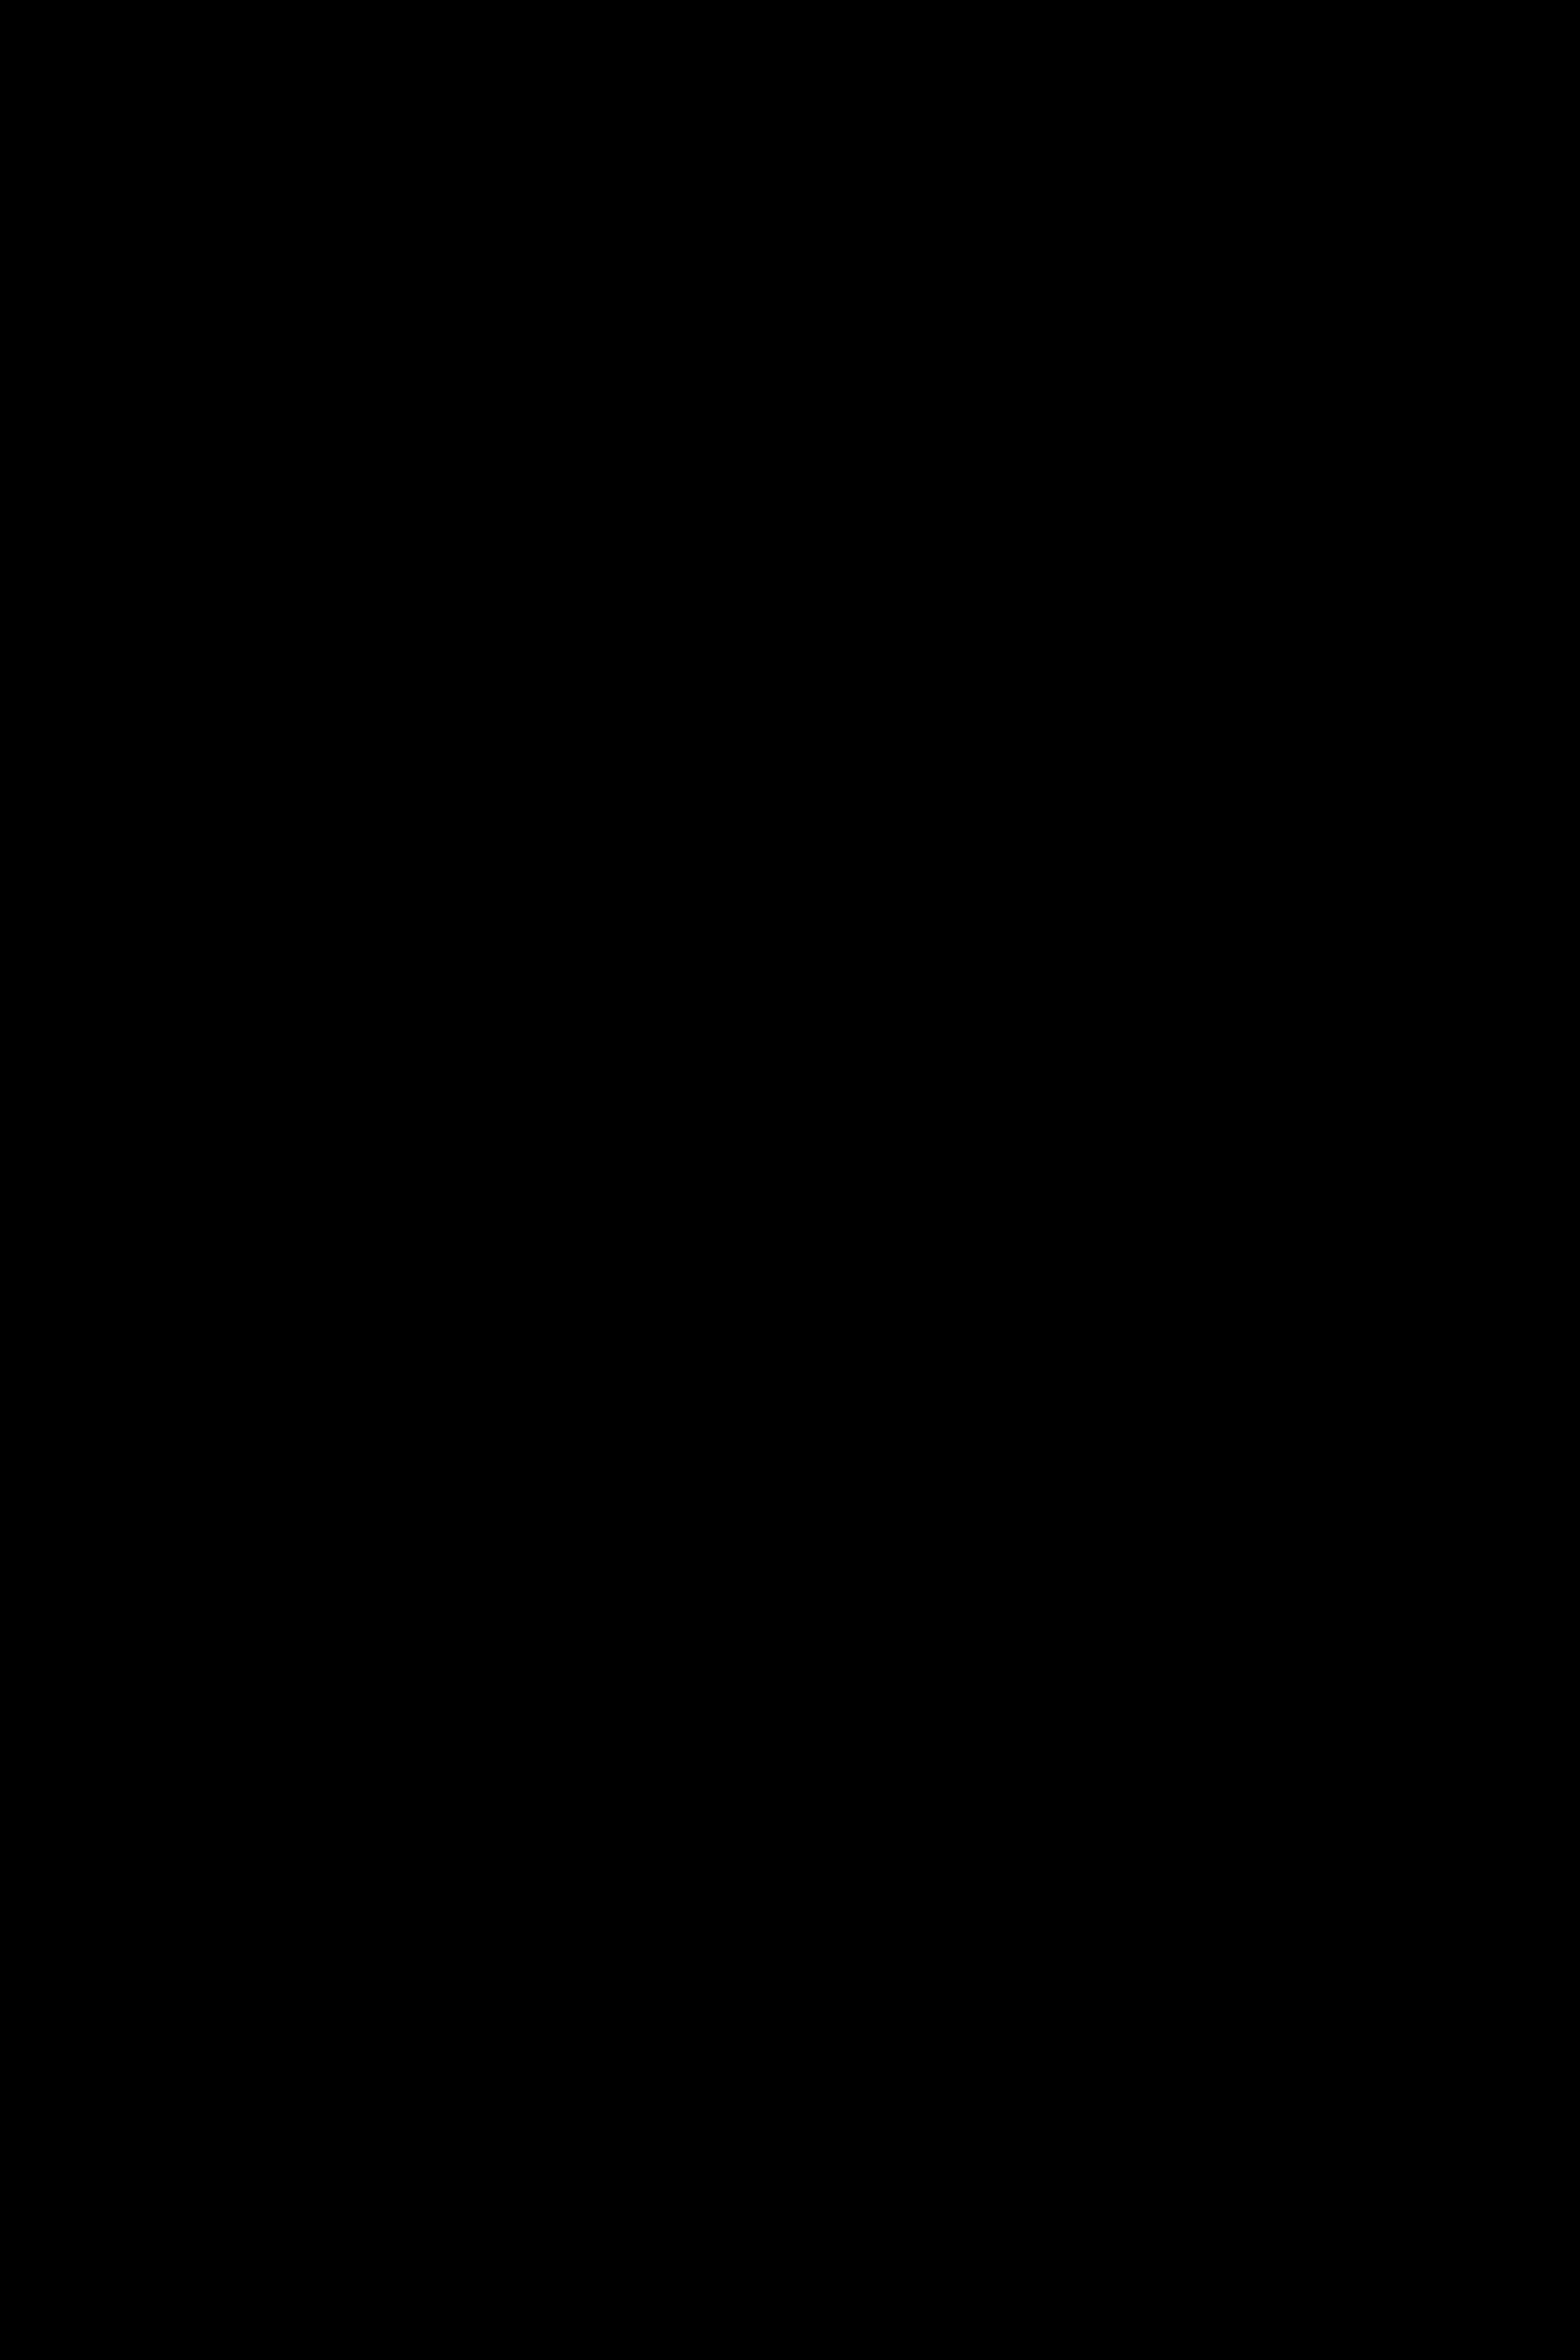 плакат фильма постер локализованные Медвежонок Винни и его друзья